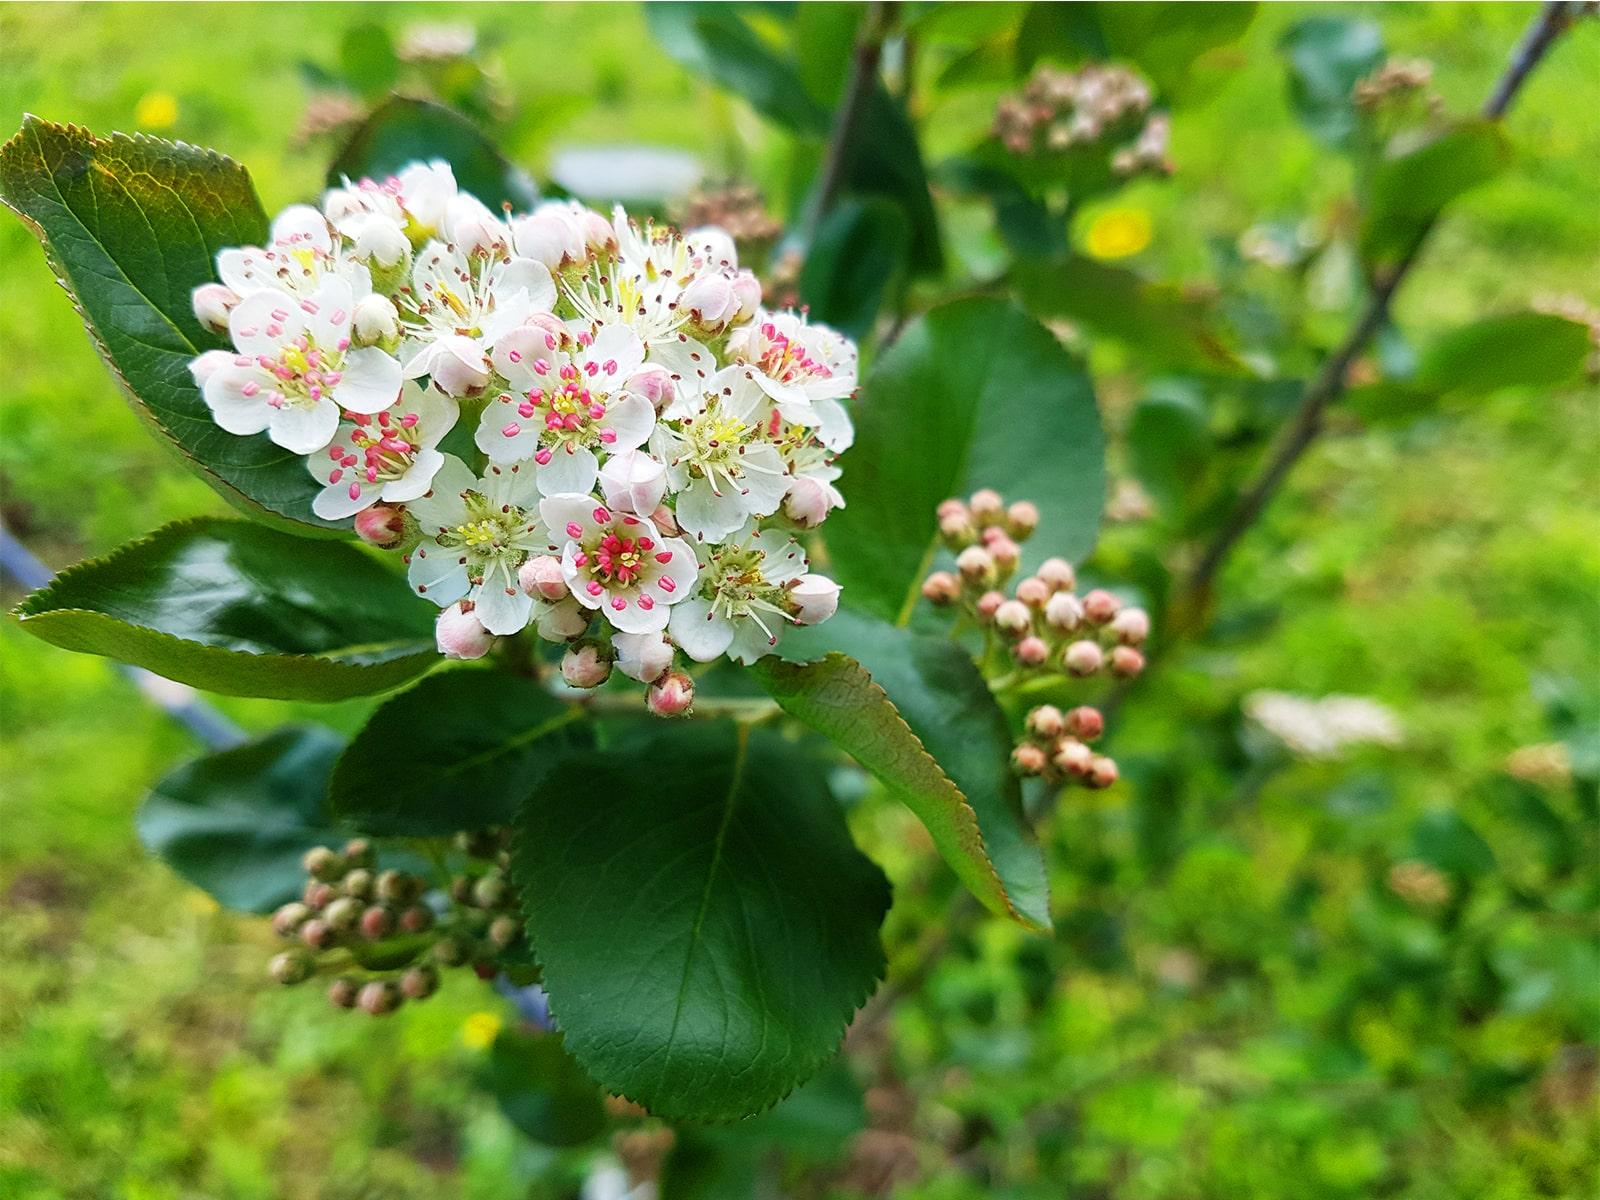 Cvijet aronije-min